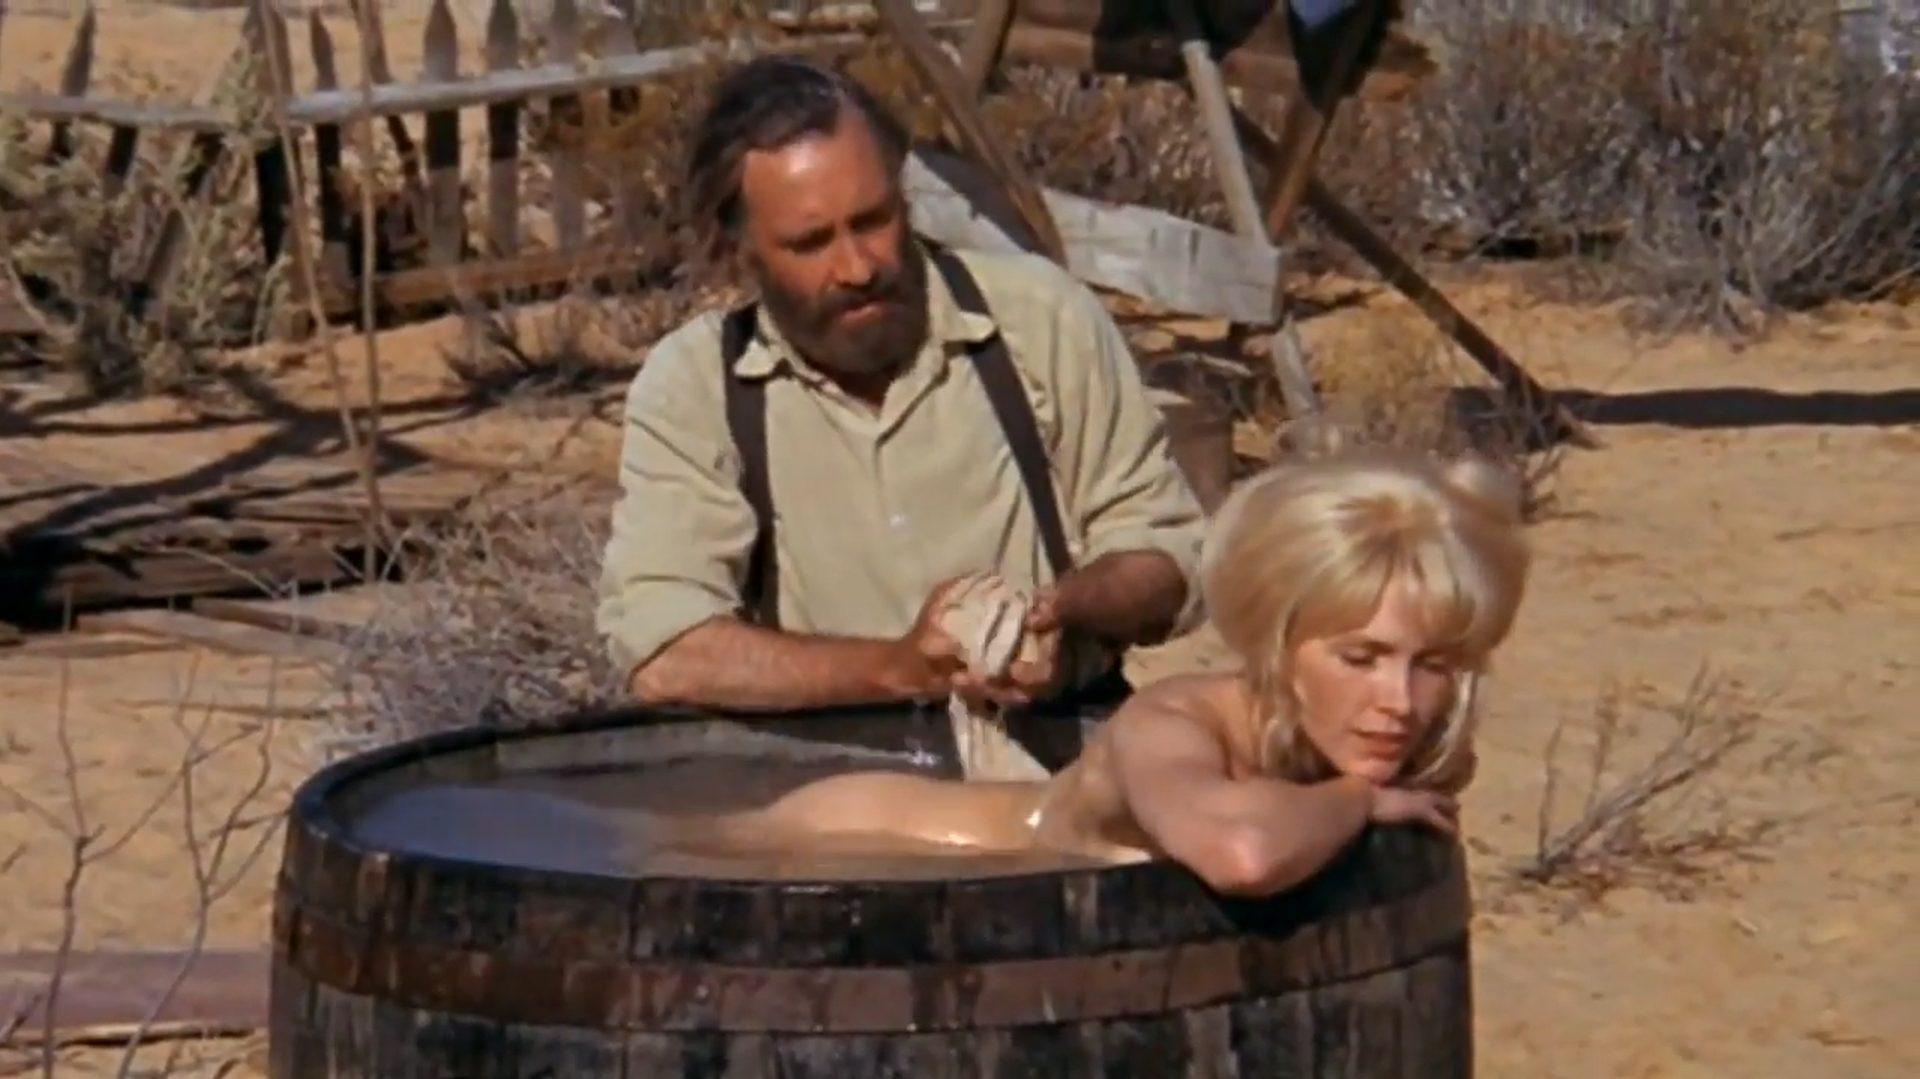 Cable Hogue, gespielt von Jason Robards, badet seine Freundin Hildy, gespielt von Stella Stevens, in einem großen Holzfass.